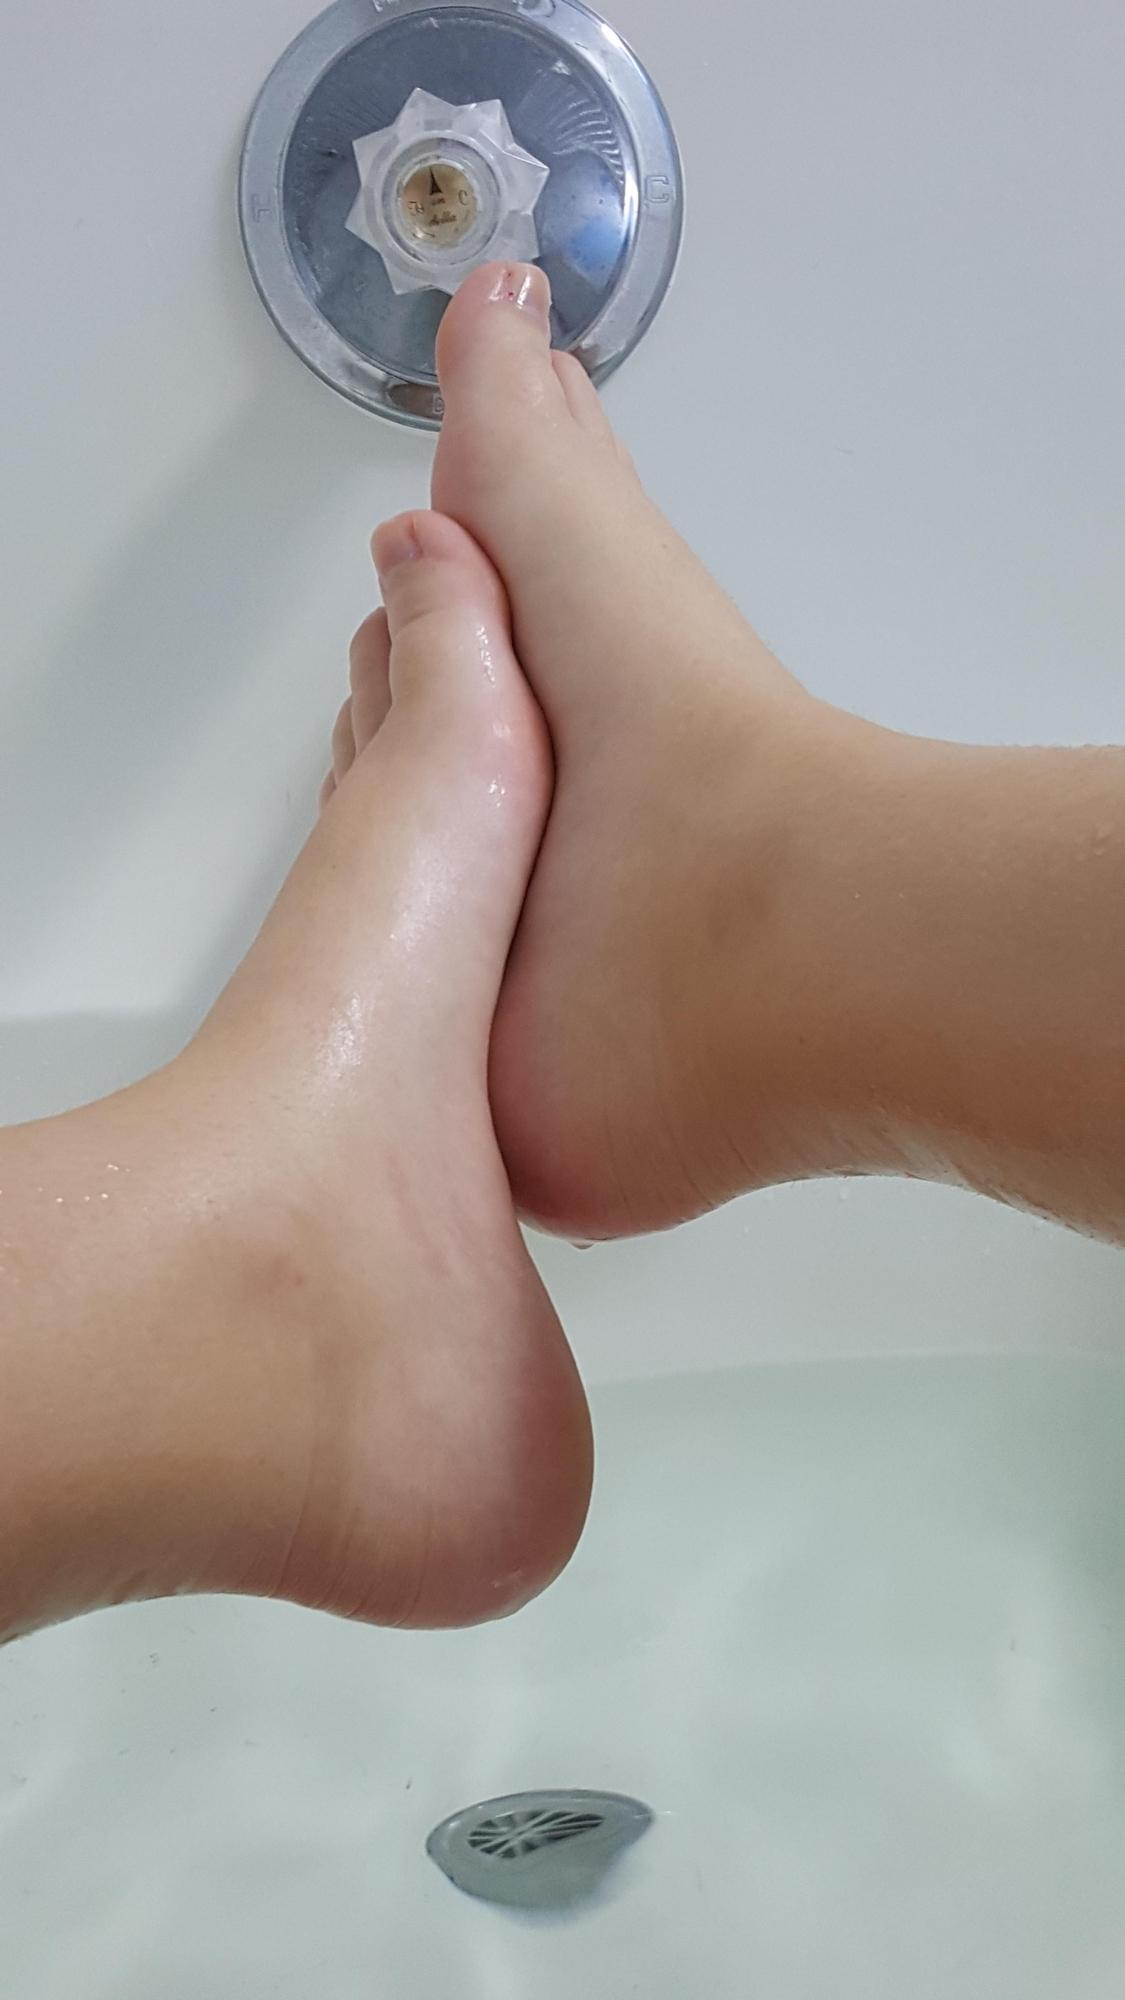 Молодуха с сочными сиськами позирует голышом в ванной